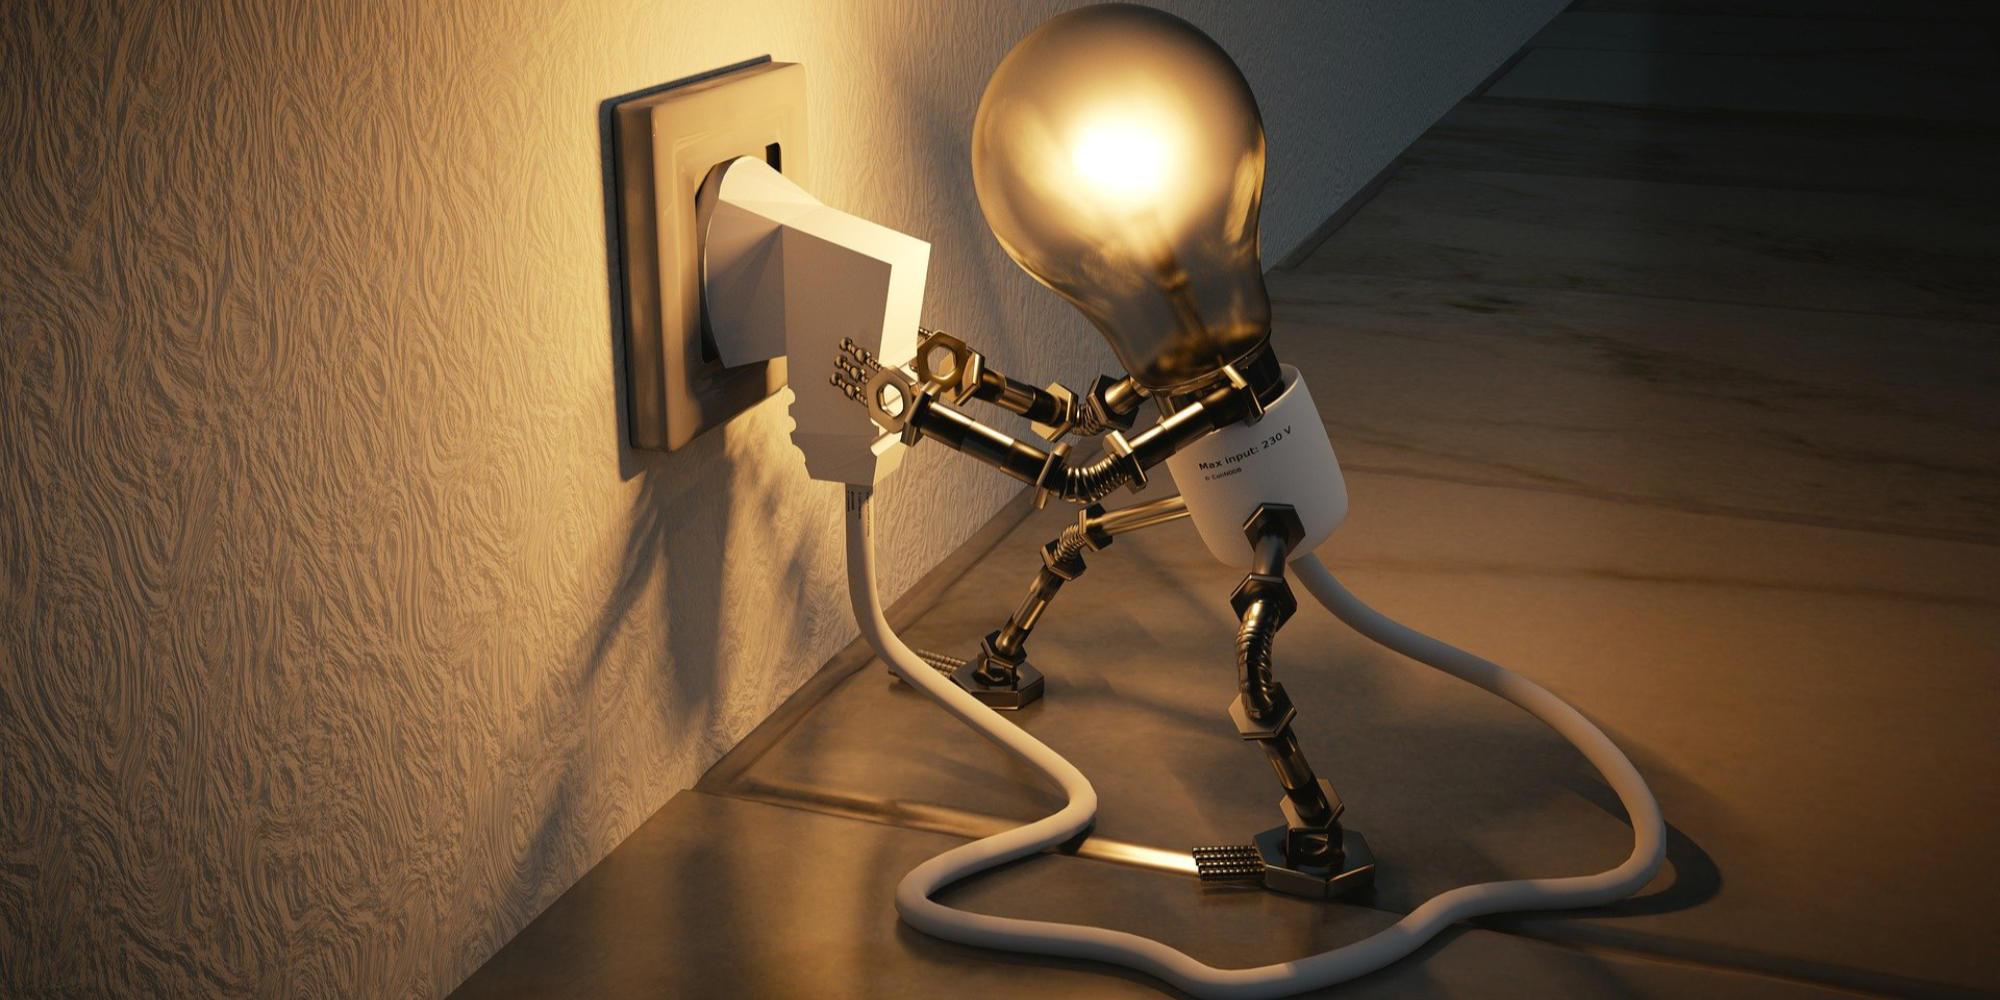 Comment bien choisir son ampoule connectée